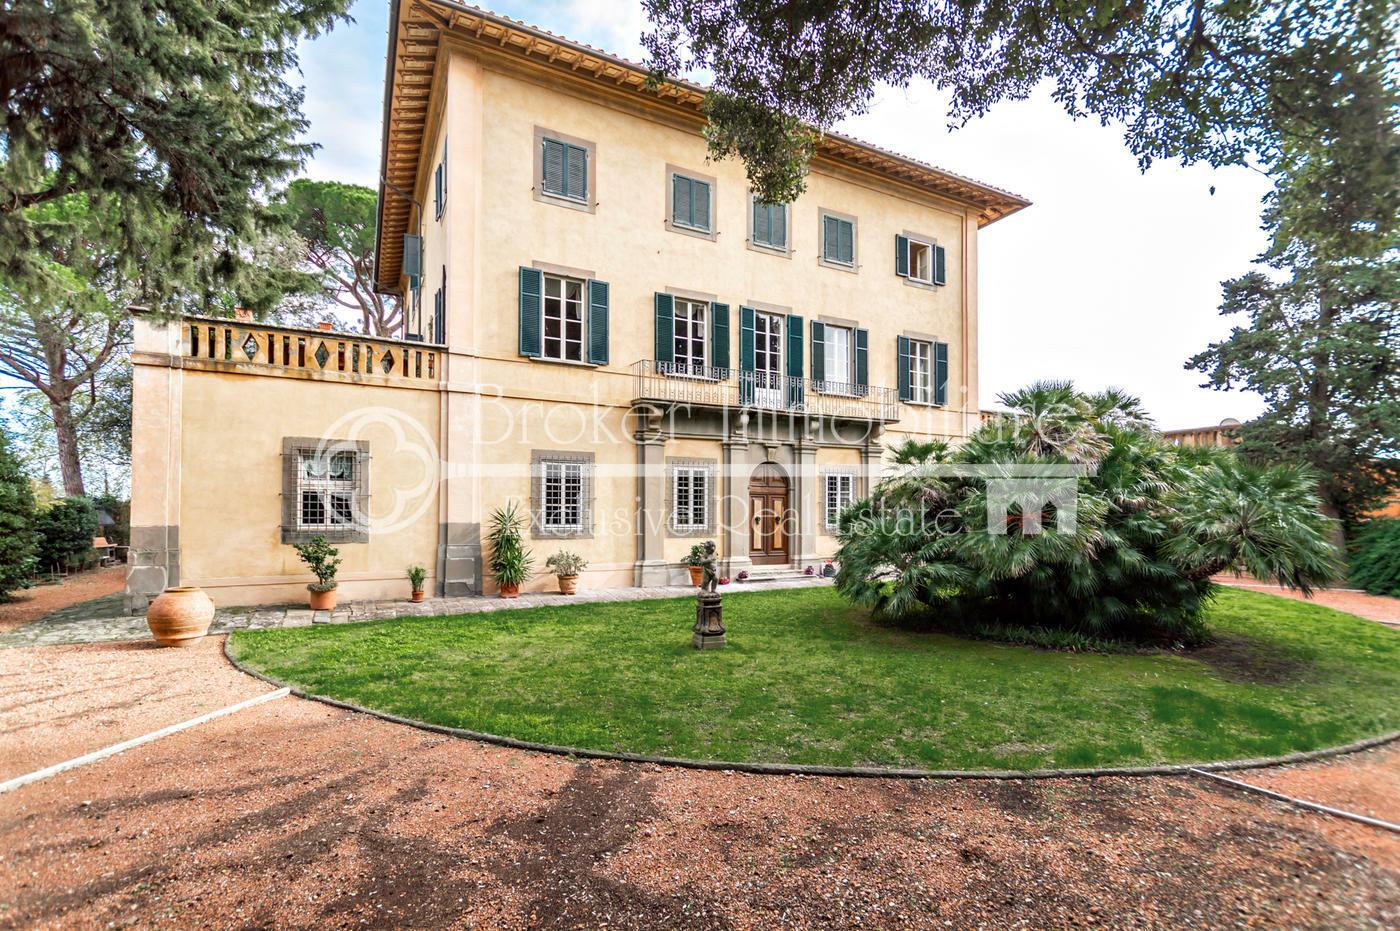 Magnifica villa storica del XVIII secolo in vendita sulle colline Pisane